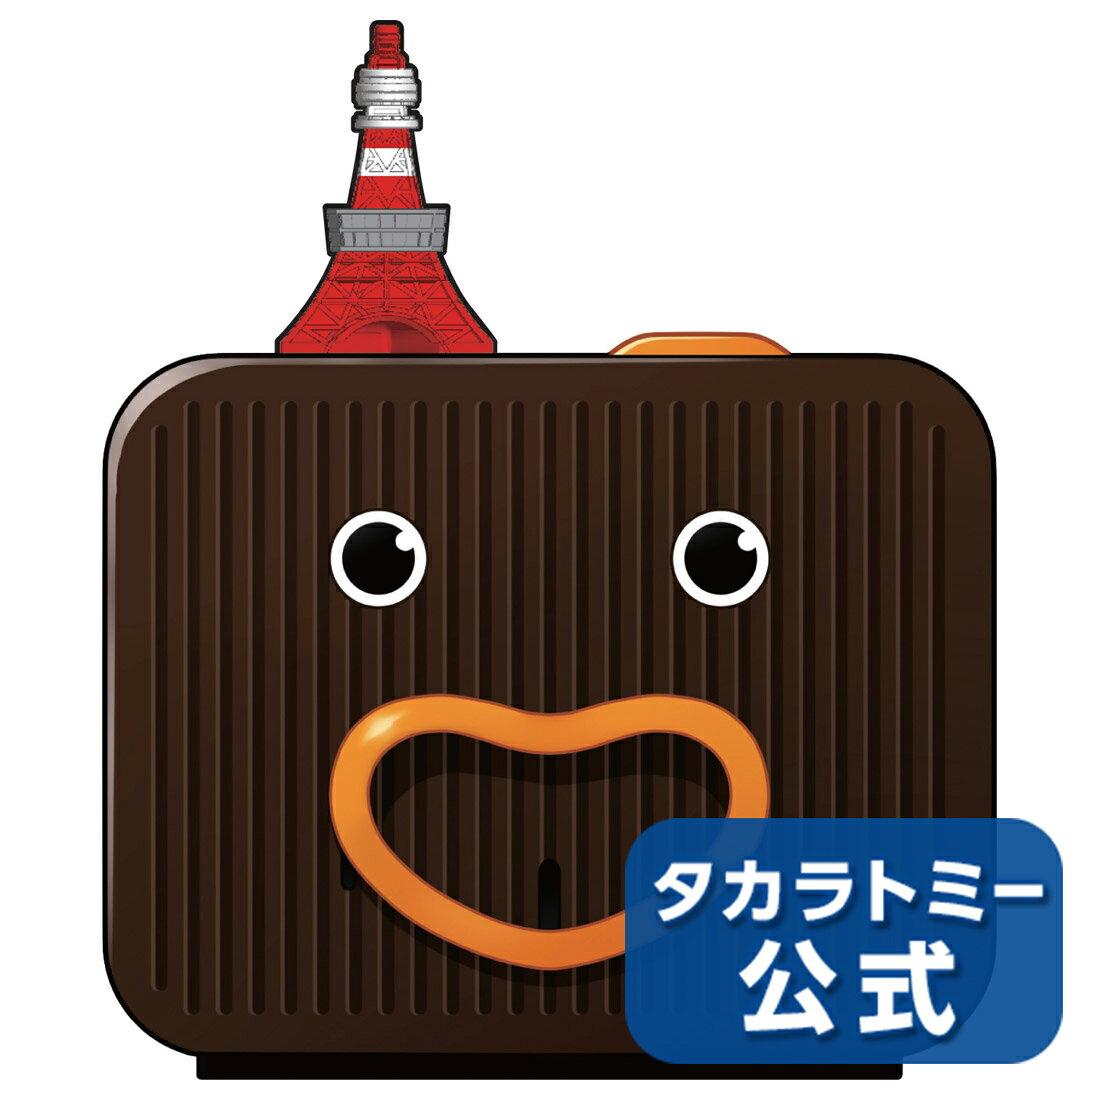 タイムスリップ貯金箱 昭和バンクマン